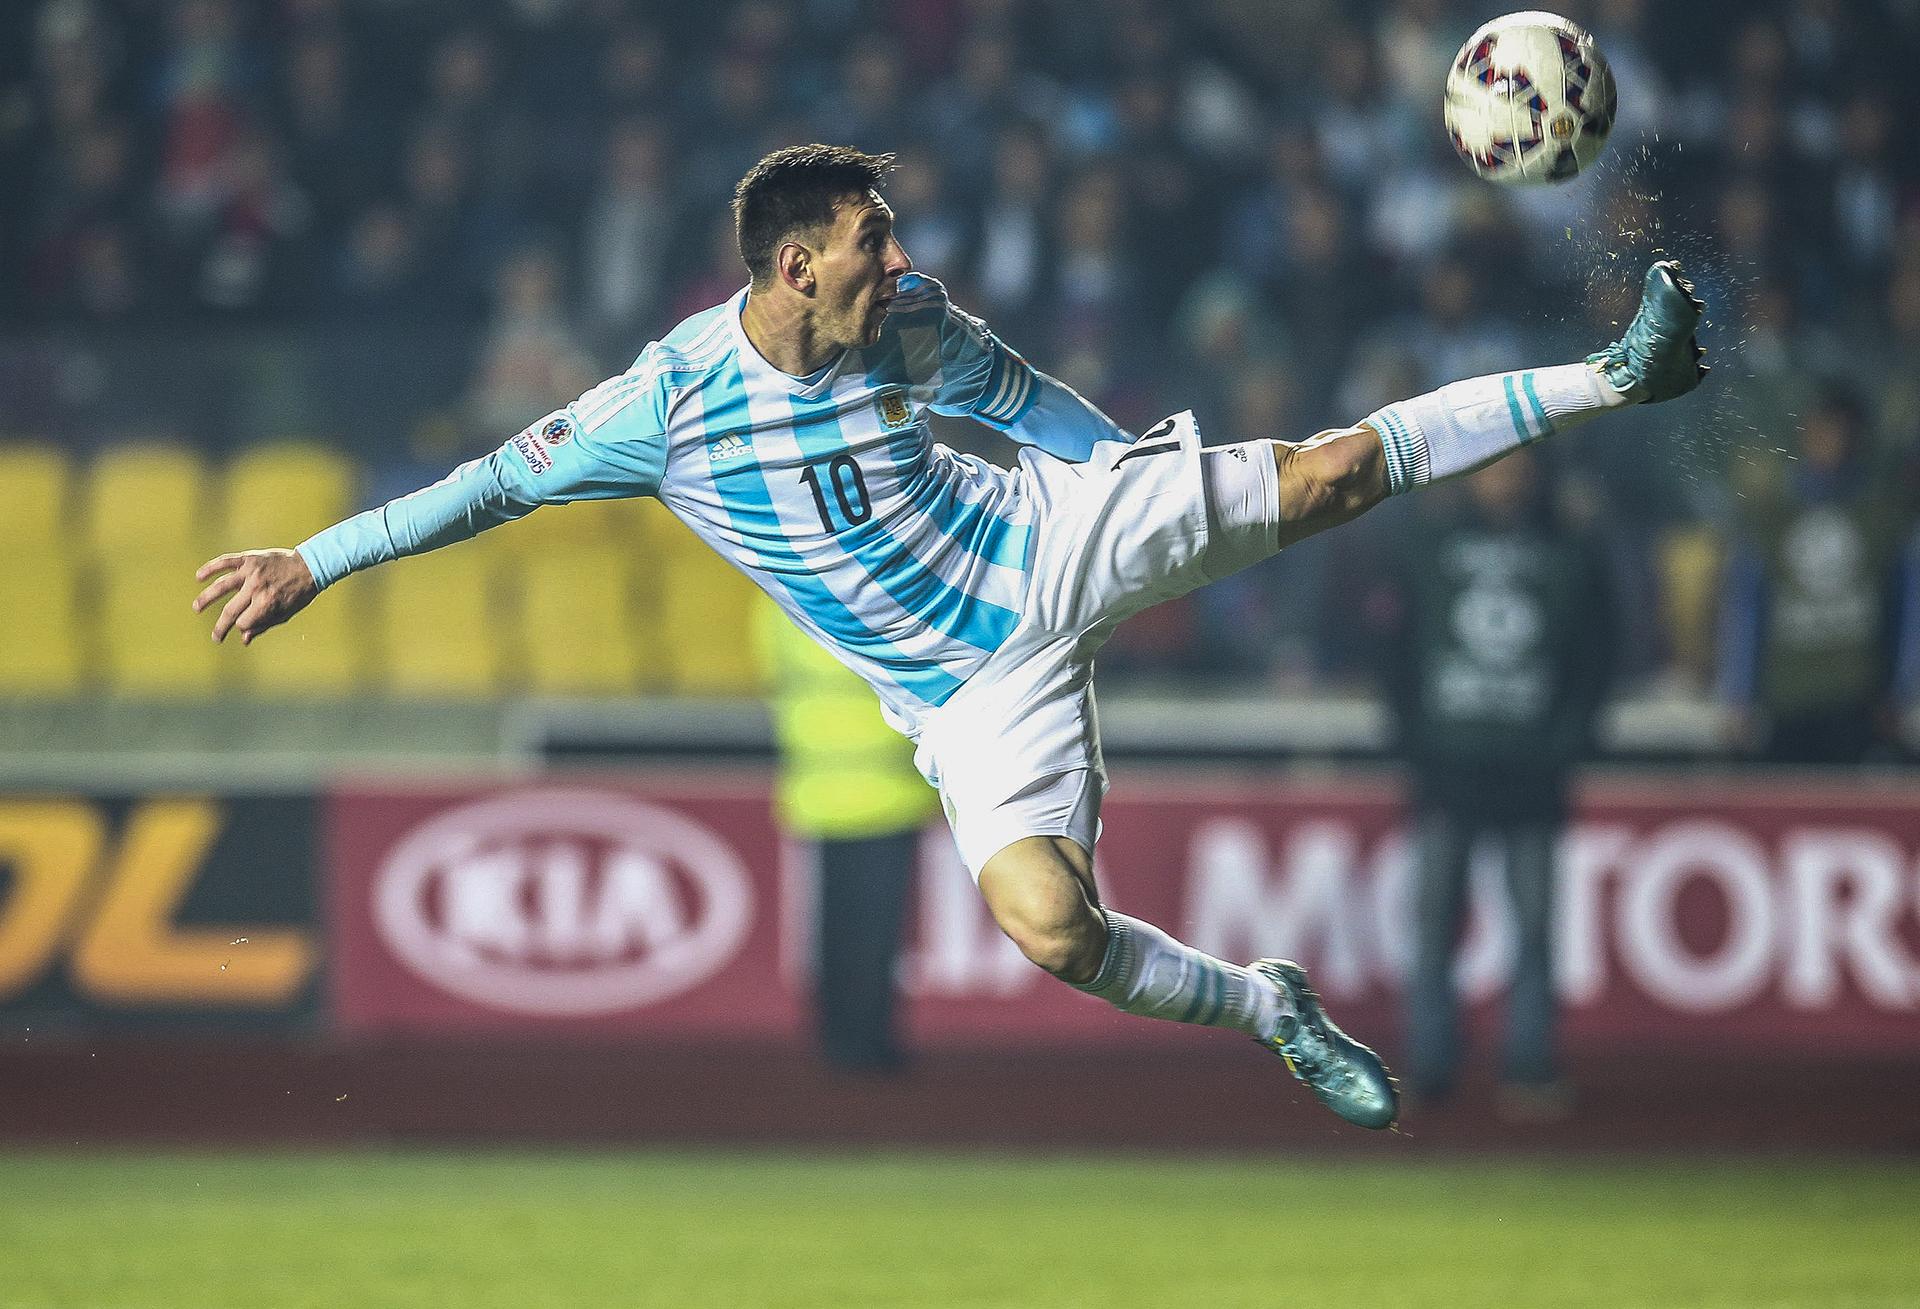 Lionel Messi, en la ciudad de Concepción ante la selección de Paraguay, durante la Copa América (Juan Roleri)